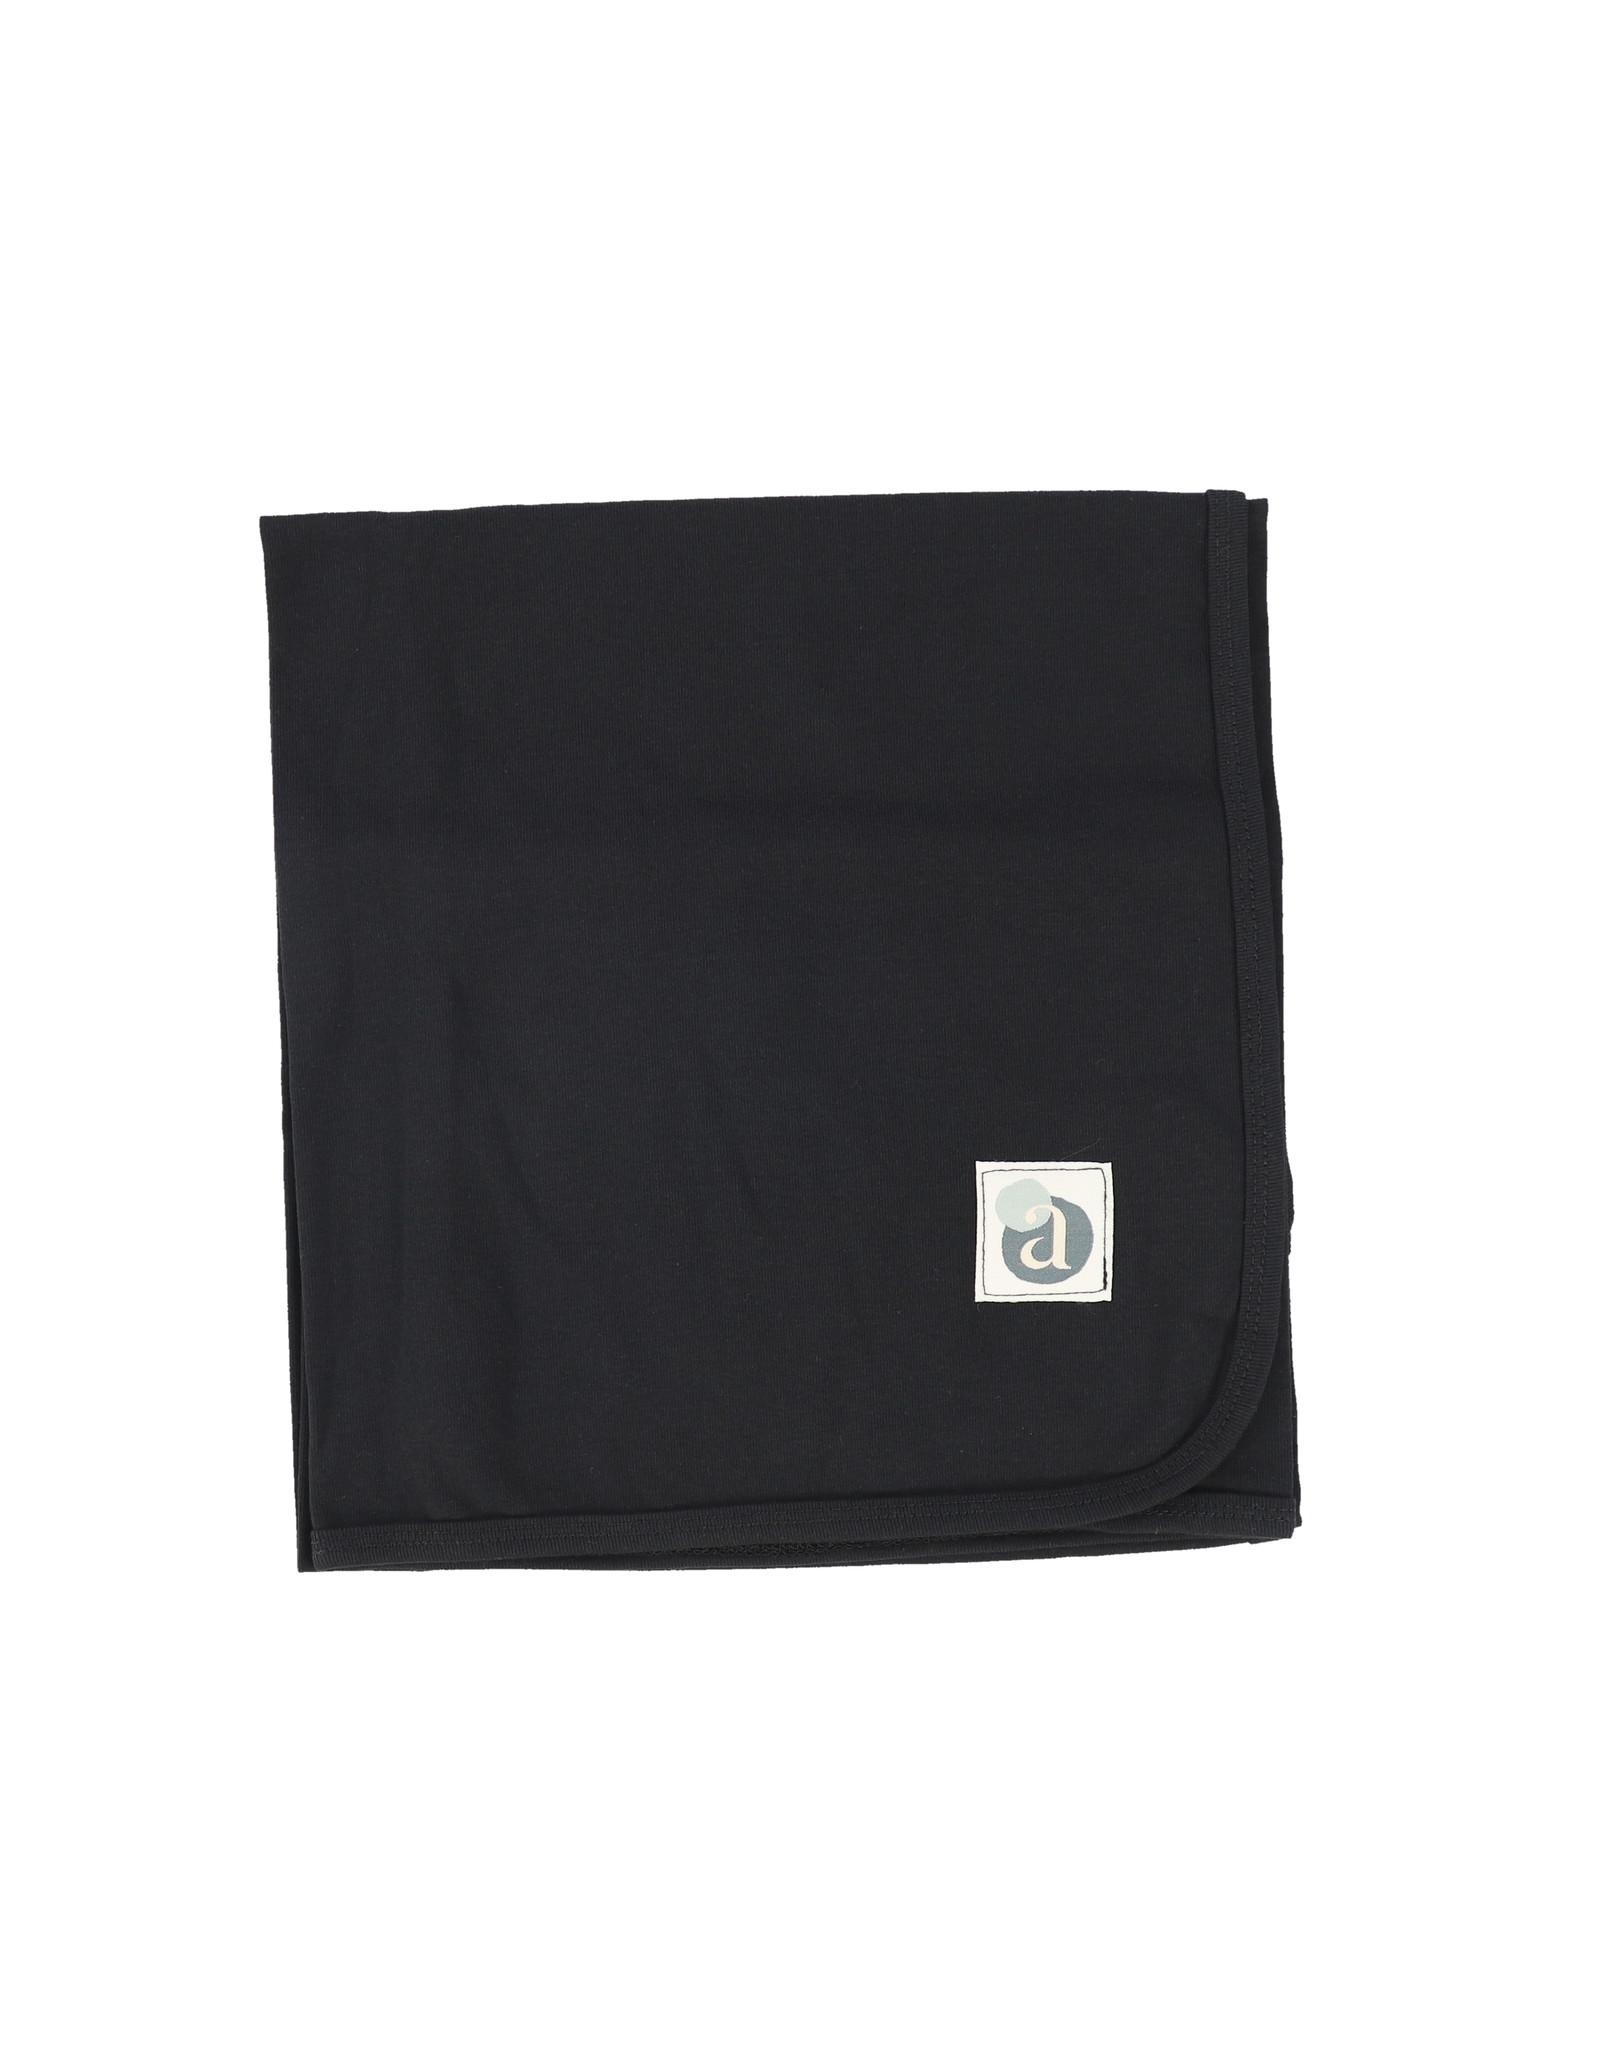 Analogie FW20 Cotton Blanket